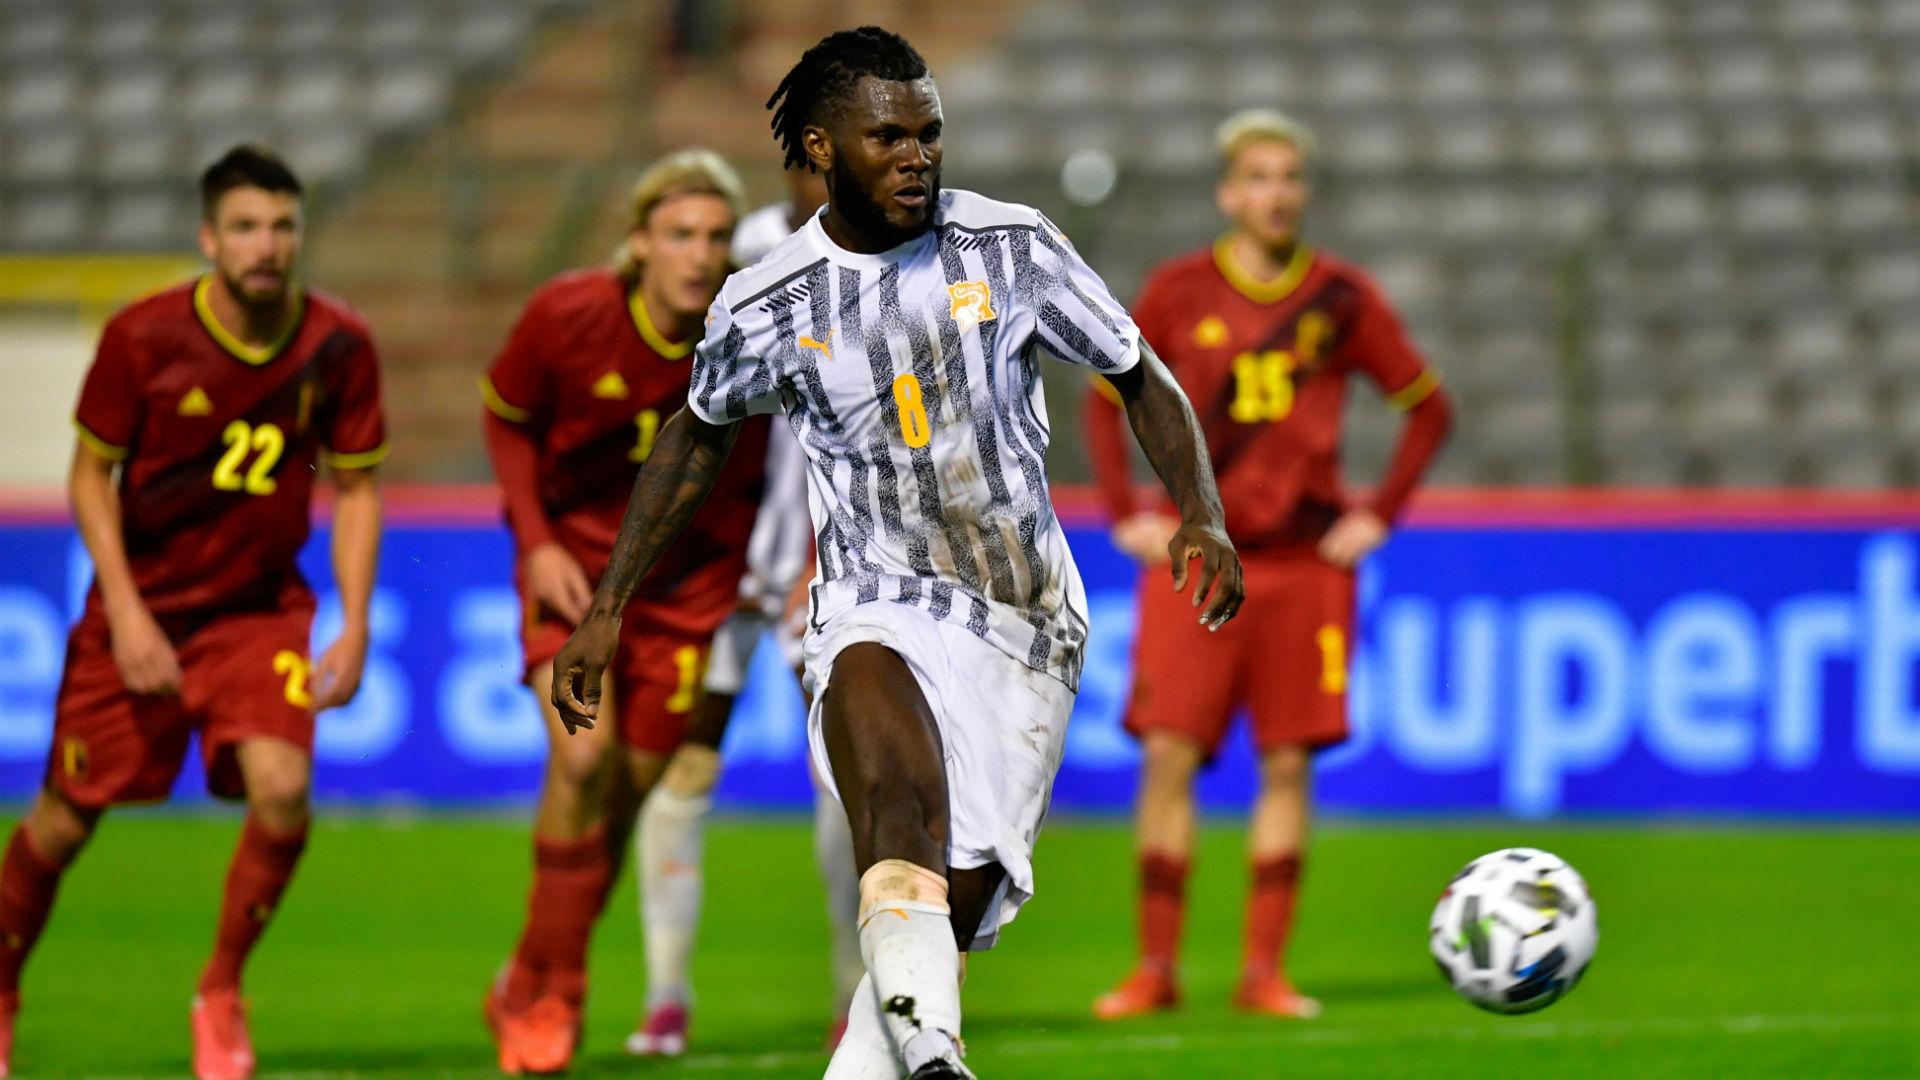 Belgium 1-1 Ivory Coast: Kessie ends Red Devils' winning streak